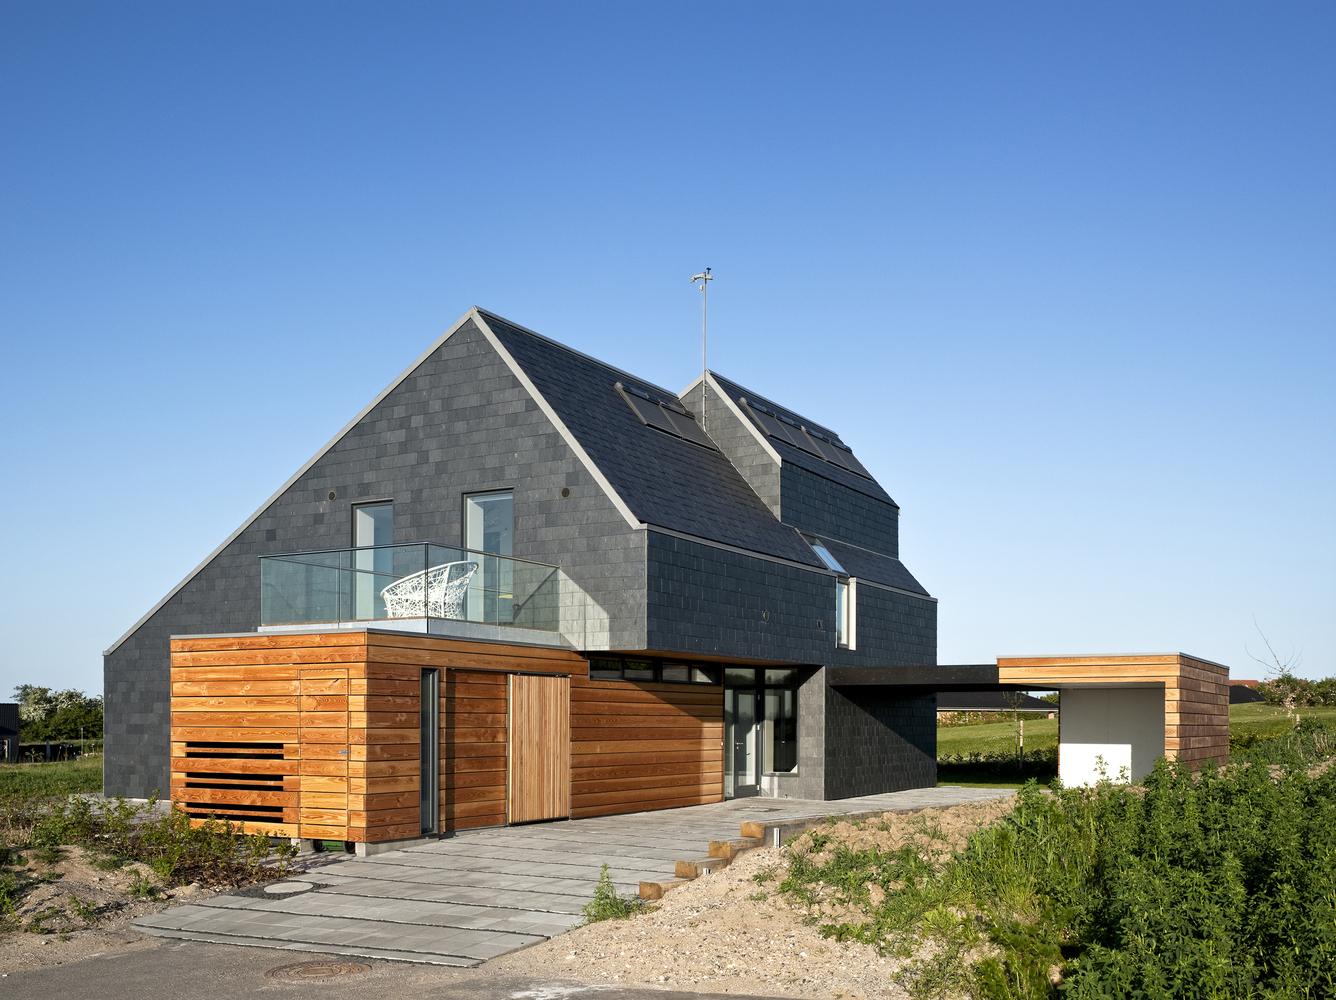 10 tipos de techos y las posibilidades de las cubiertas de pizarra,Home for Life / AART Architects. Image Cortesia de AART Architects